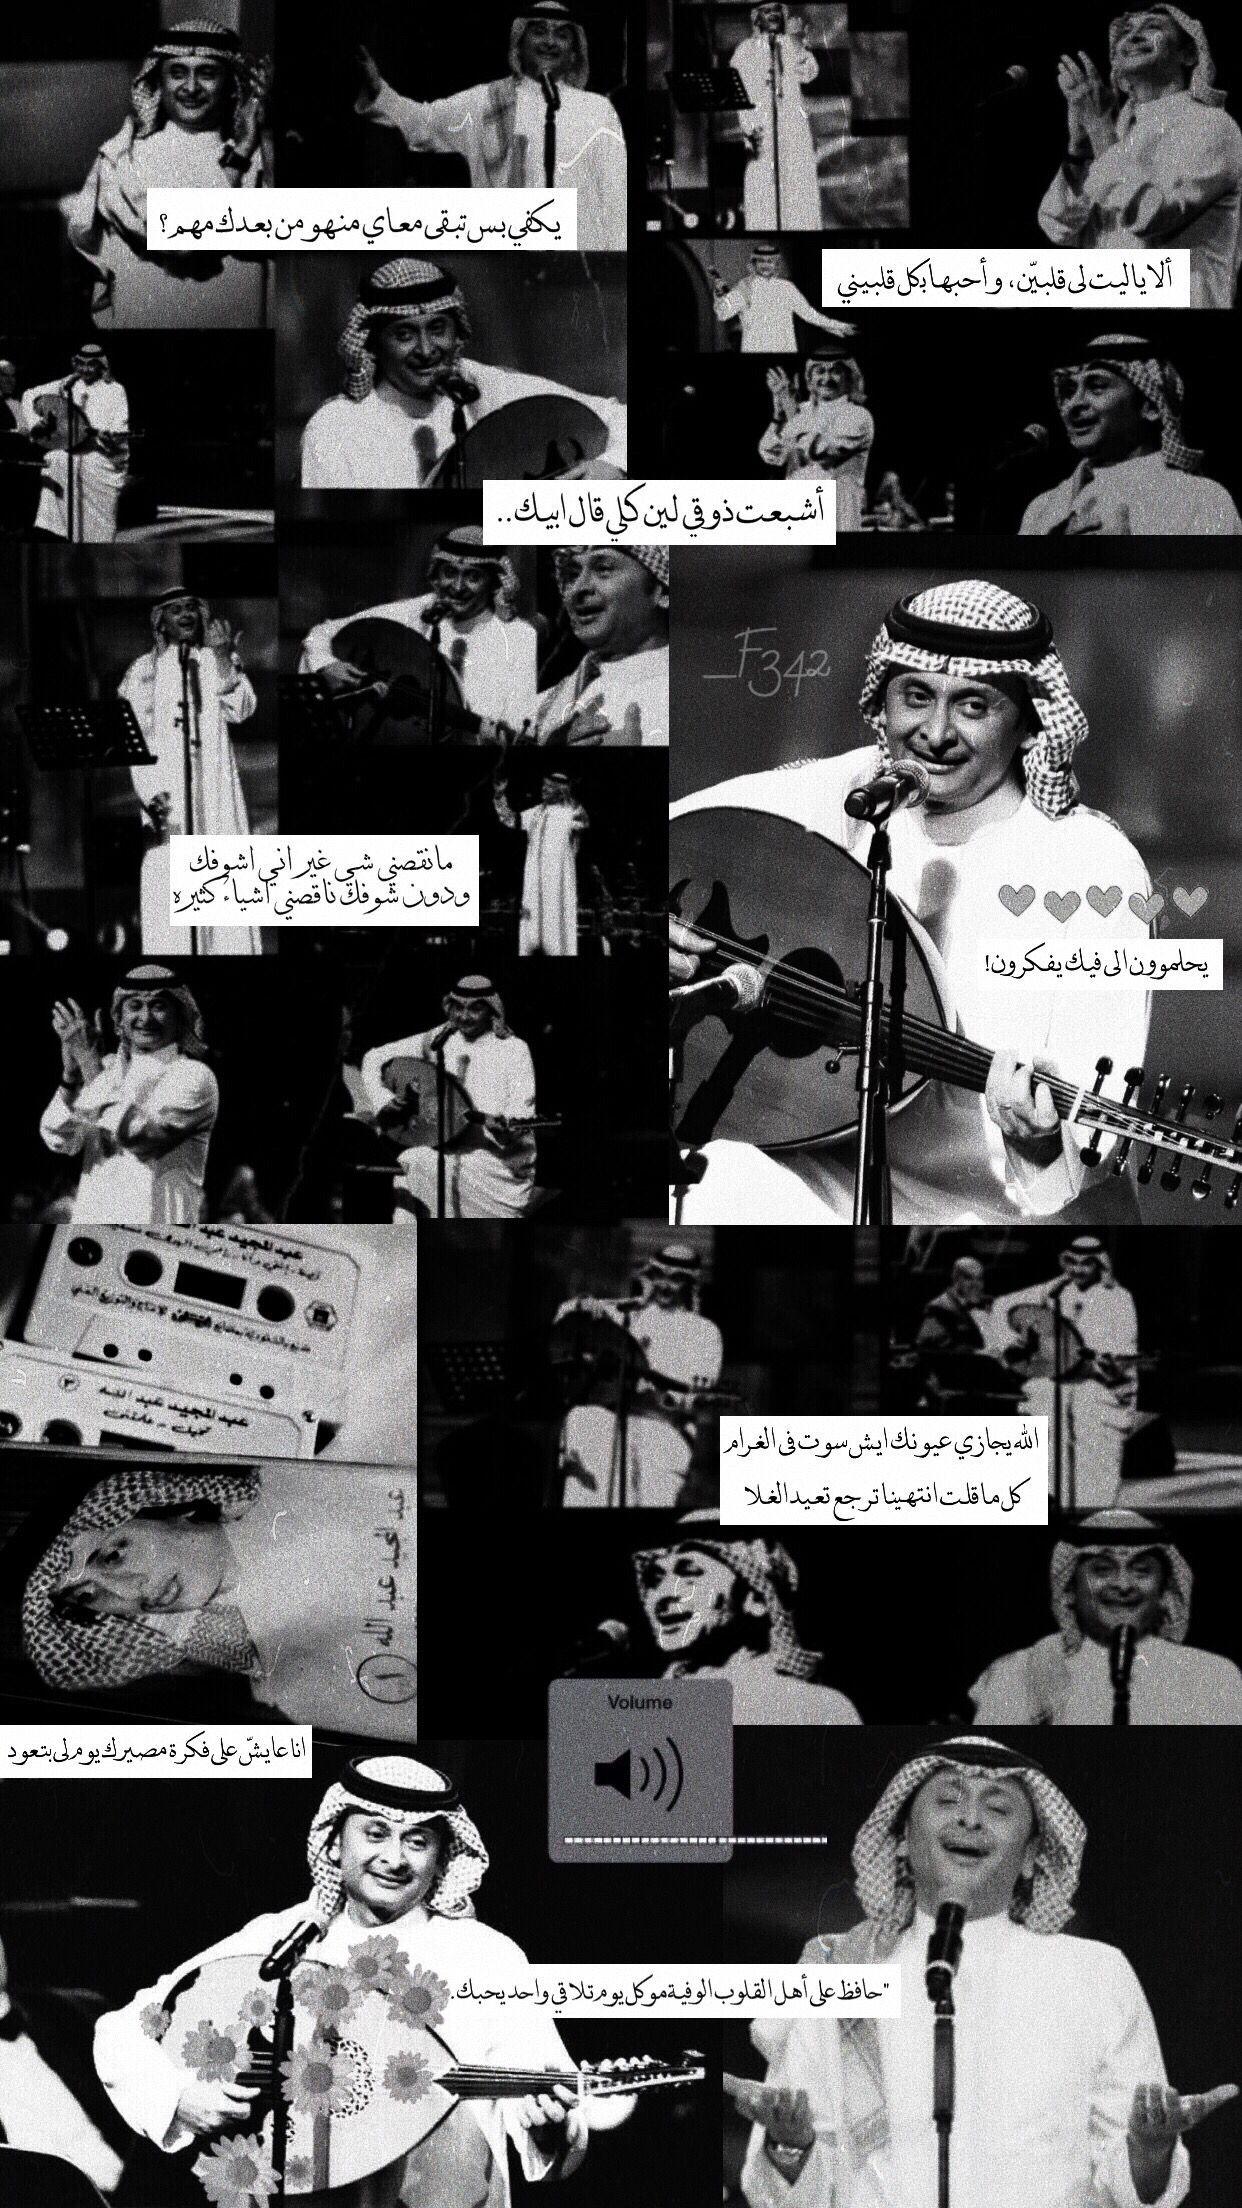 عبدالمجيد عبدالله خلفيات Cover Photo Quotes Love Smile Quotes Iphone Wallpaper Quotes Love